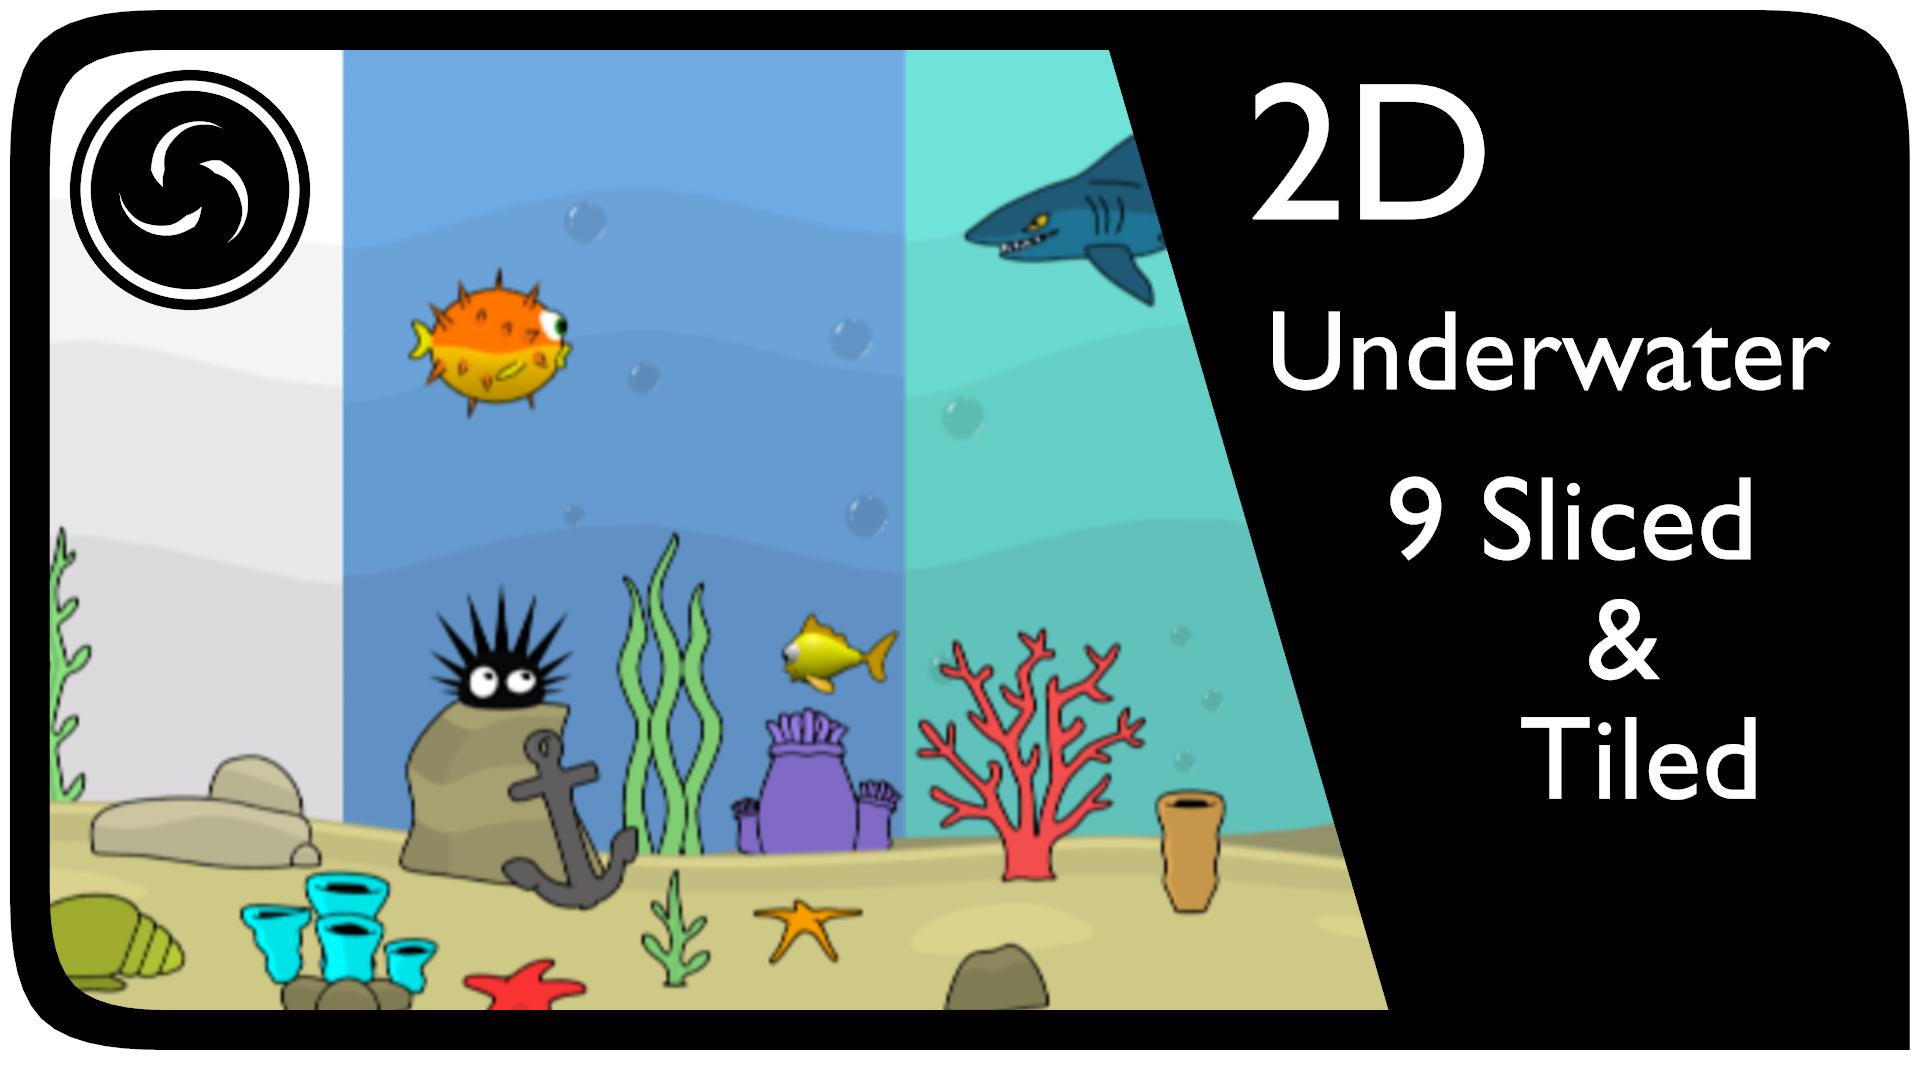 2D Underwater World